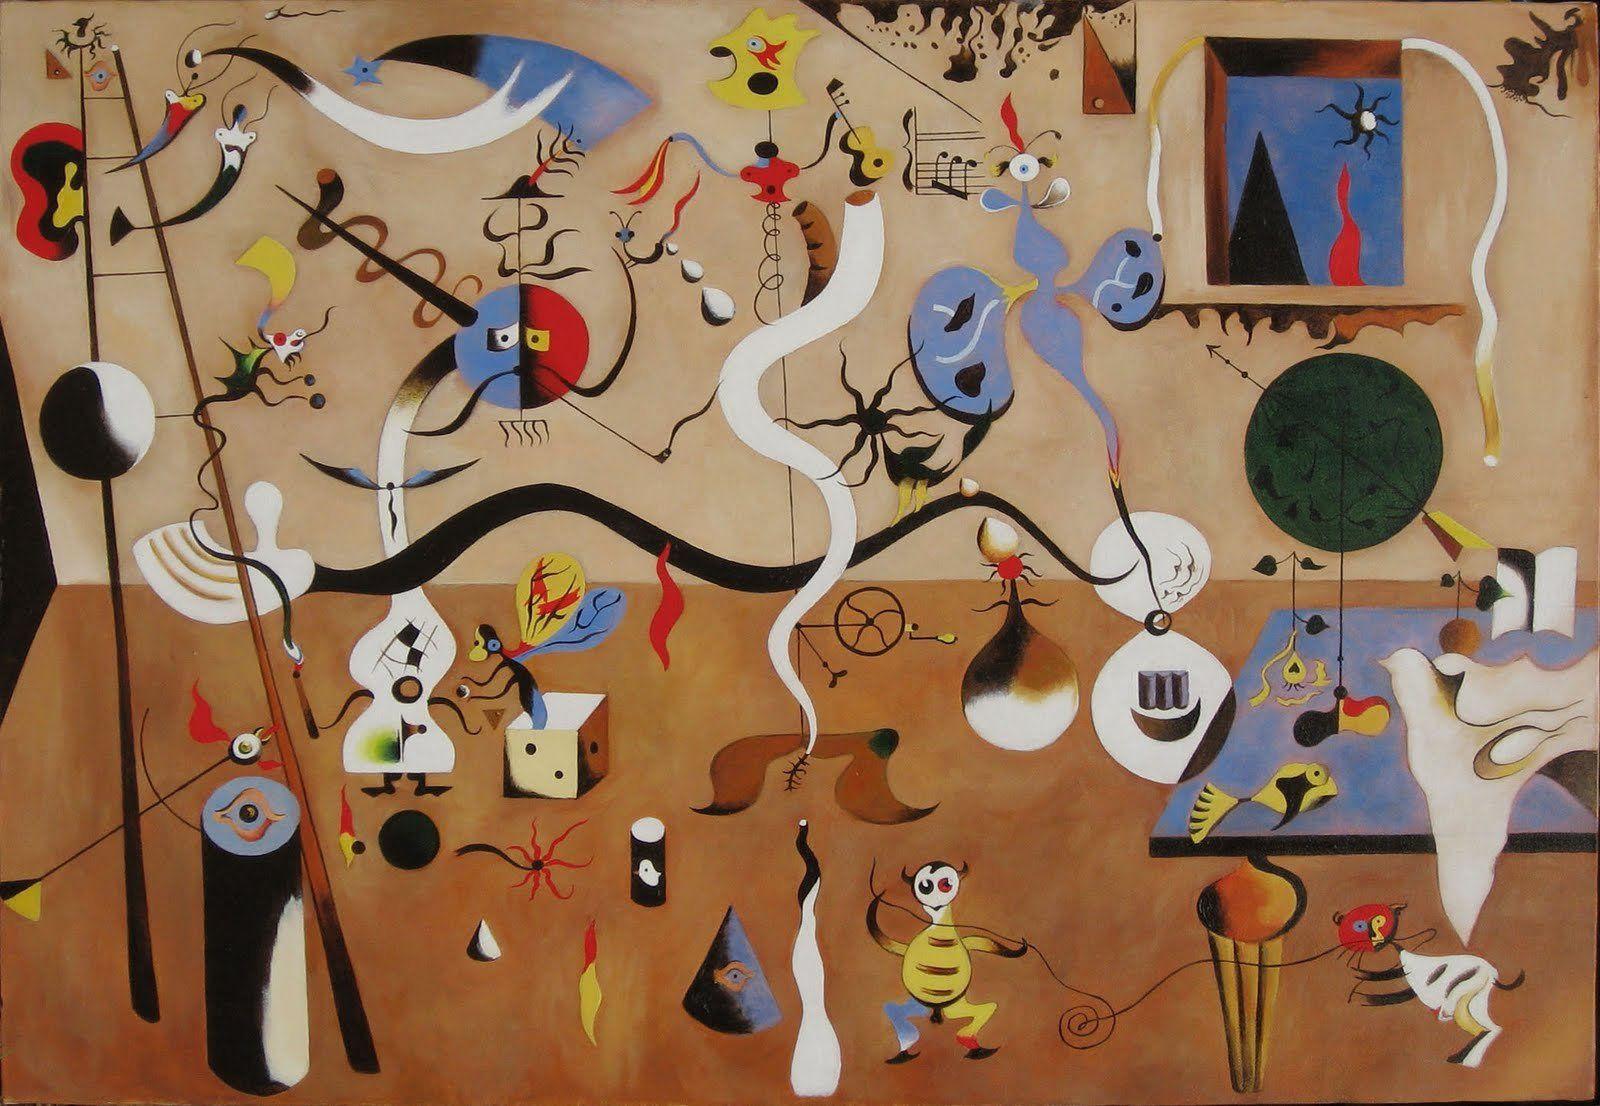 Joan Miró, Carnaval d'Arlequin, 1925 : Travail de formes, désoriente le spectateur, hybride, déformation, … rêve, fantasme… L'artiste crée l'univers qui reflète l'inconscient.